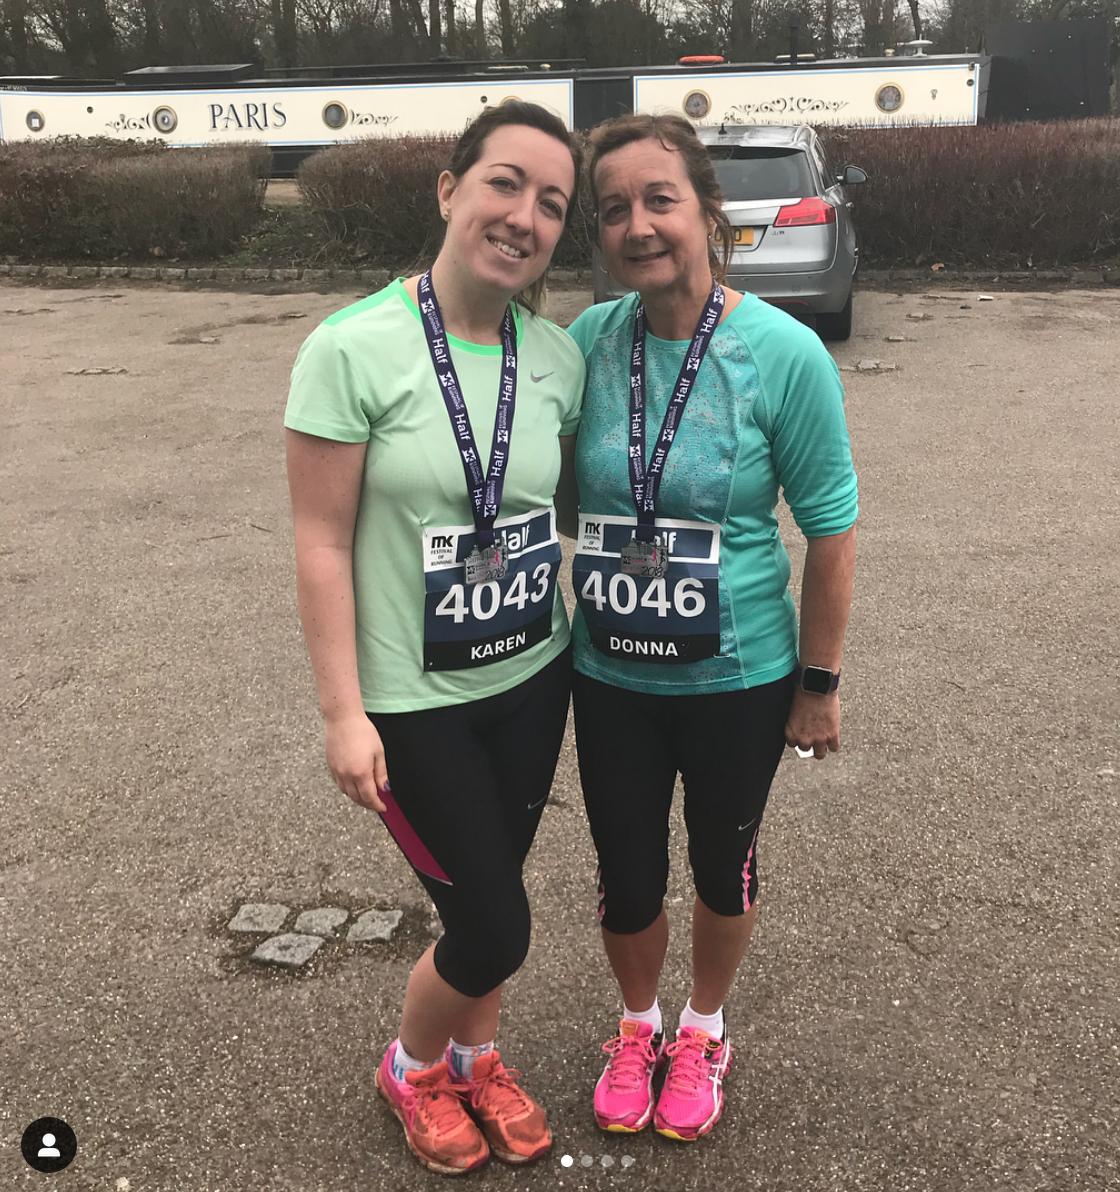 Marathon Karen